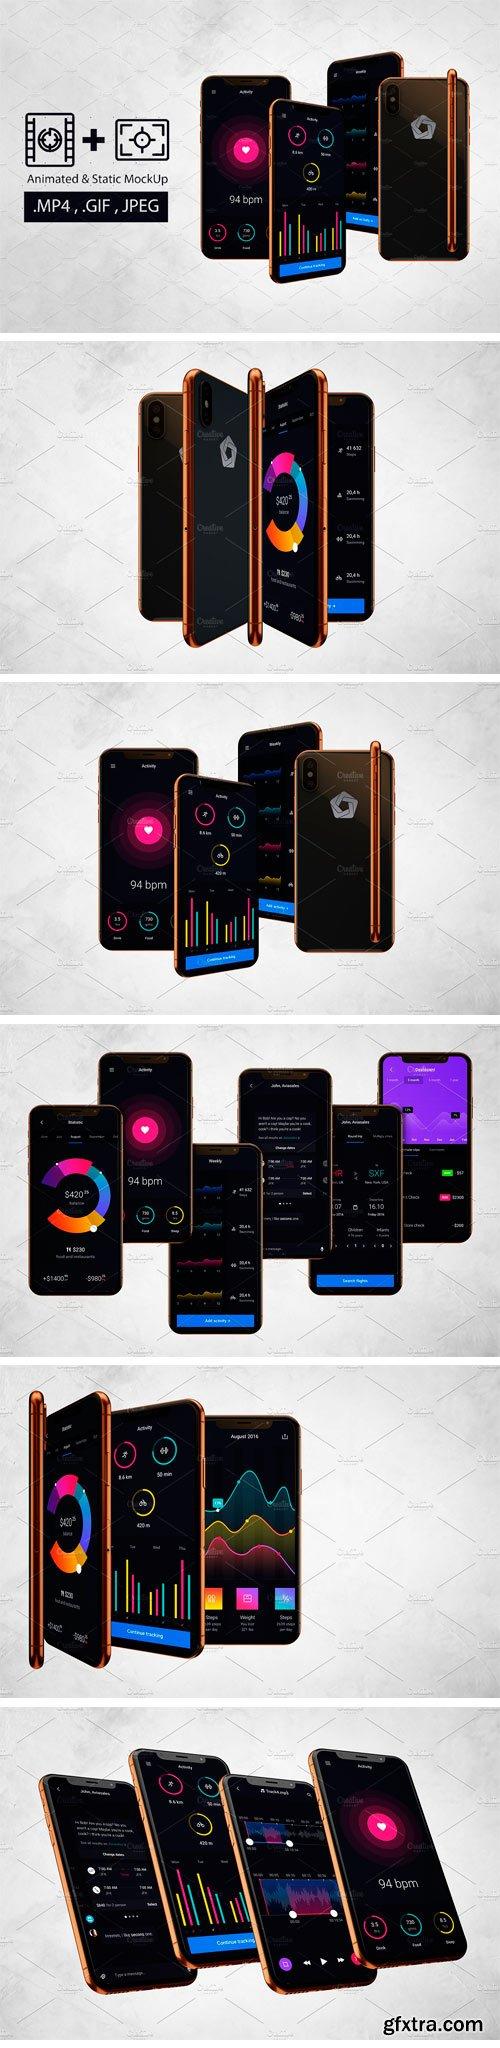 CM - Animated iPhone X Mockup V.2 2481305